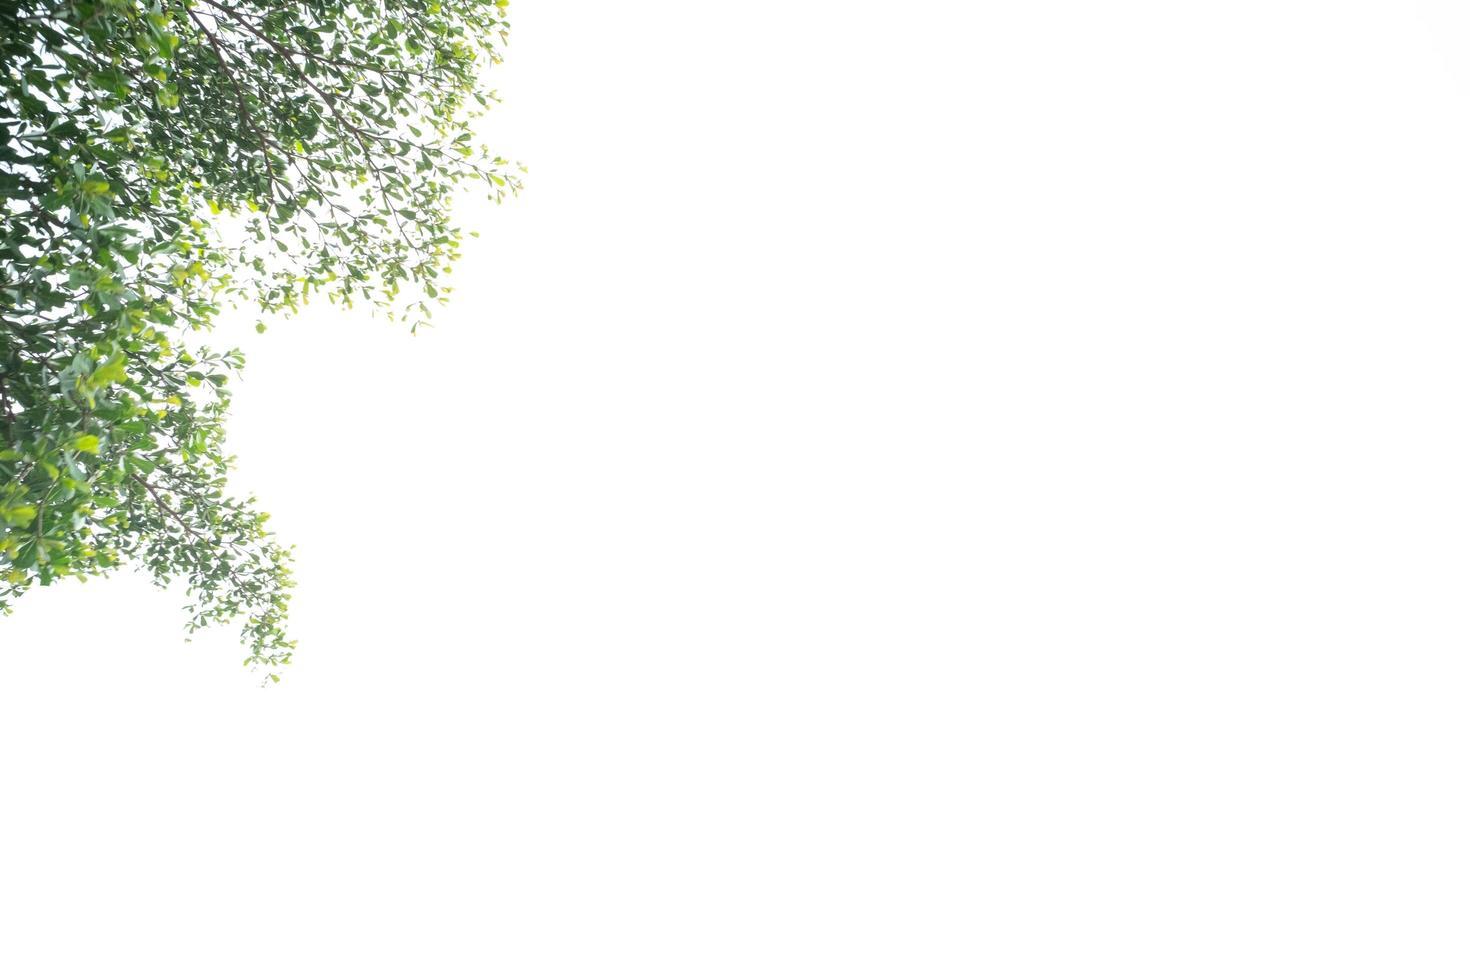 gröna blad isolerad på en vit bakgrund foto